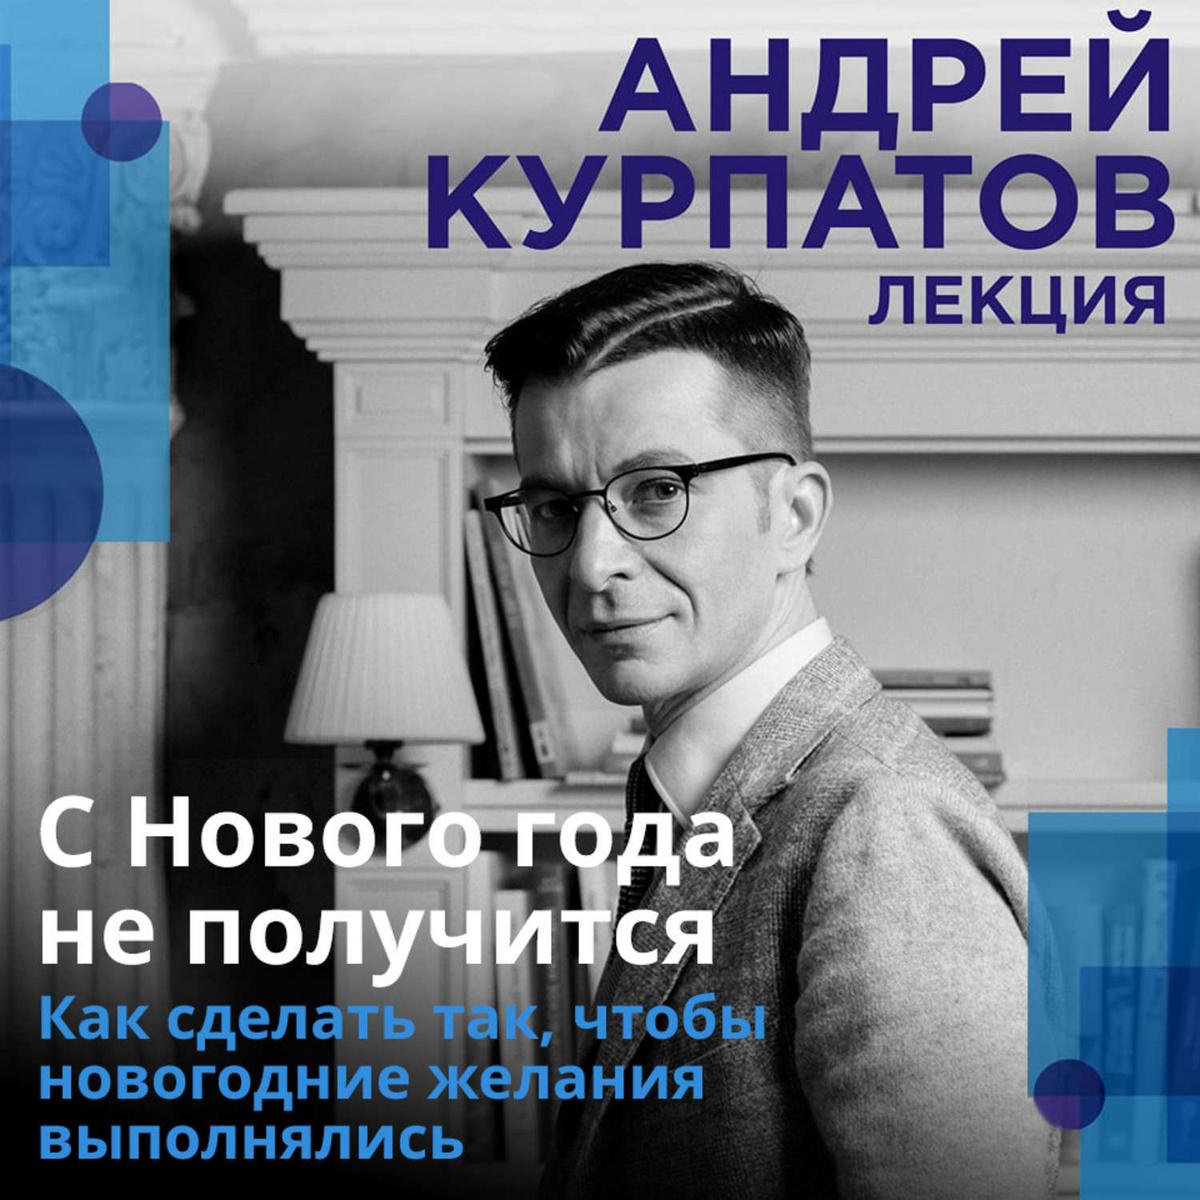 С Нового года не получится   Курпатов Андрей Владимирович  #1